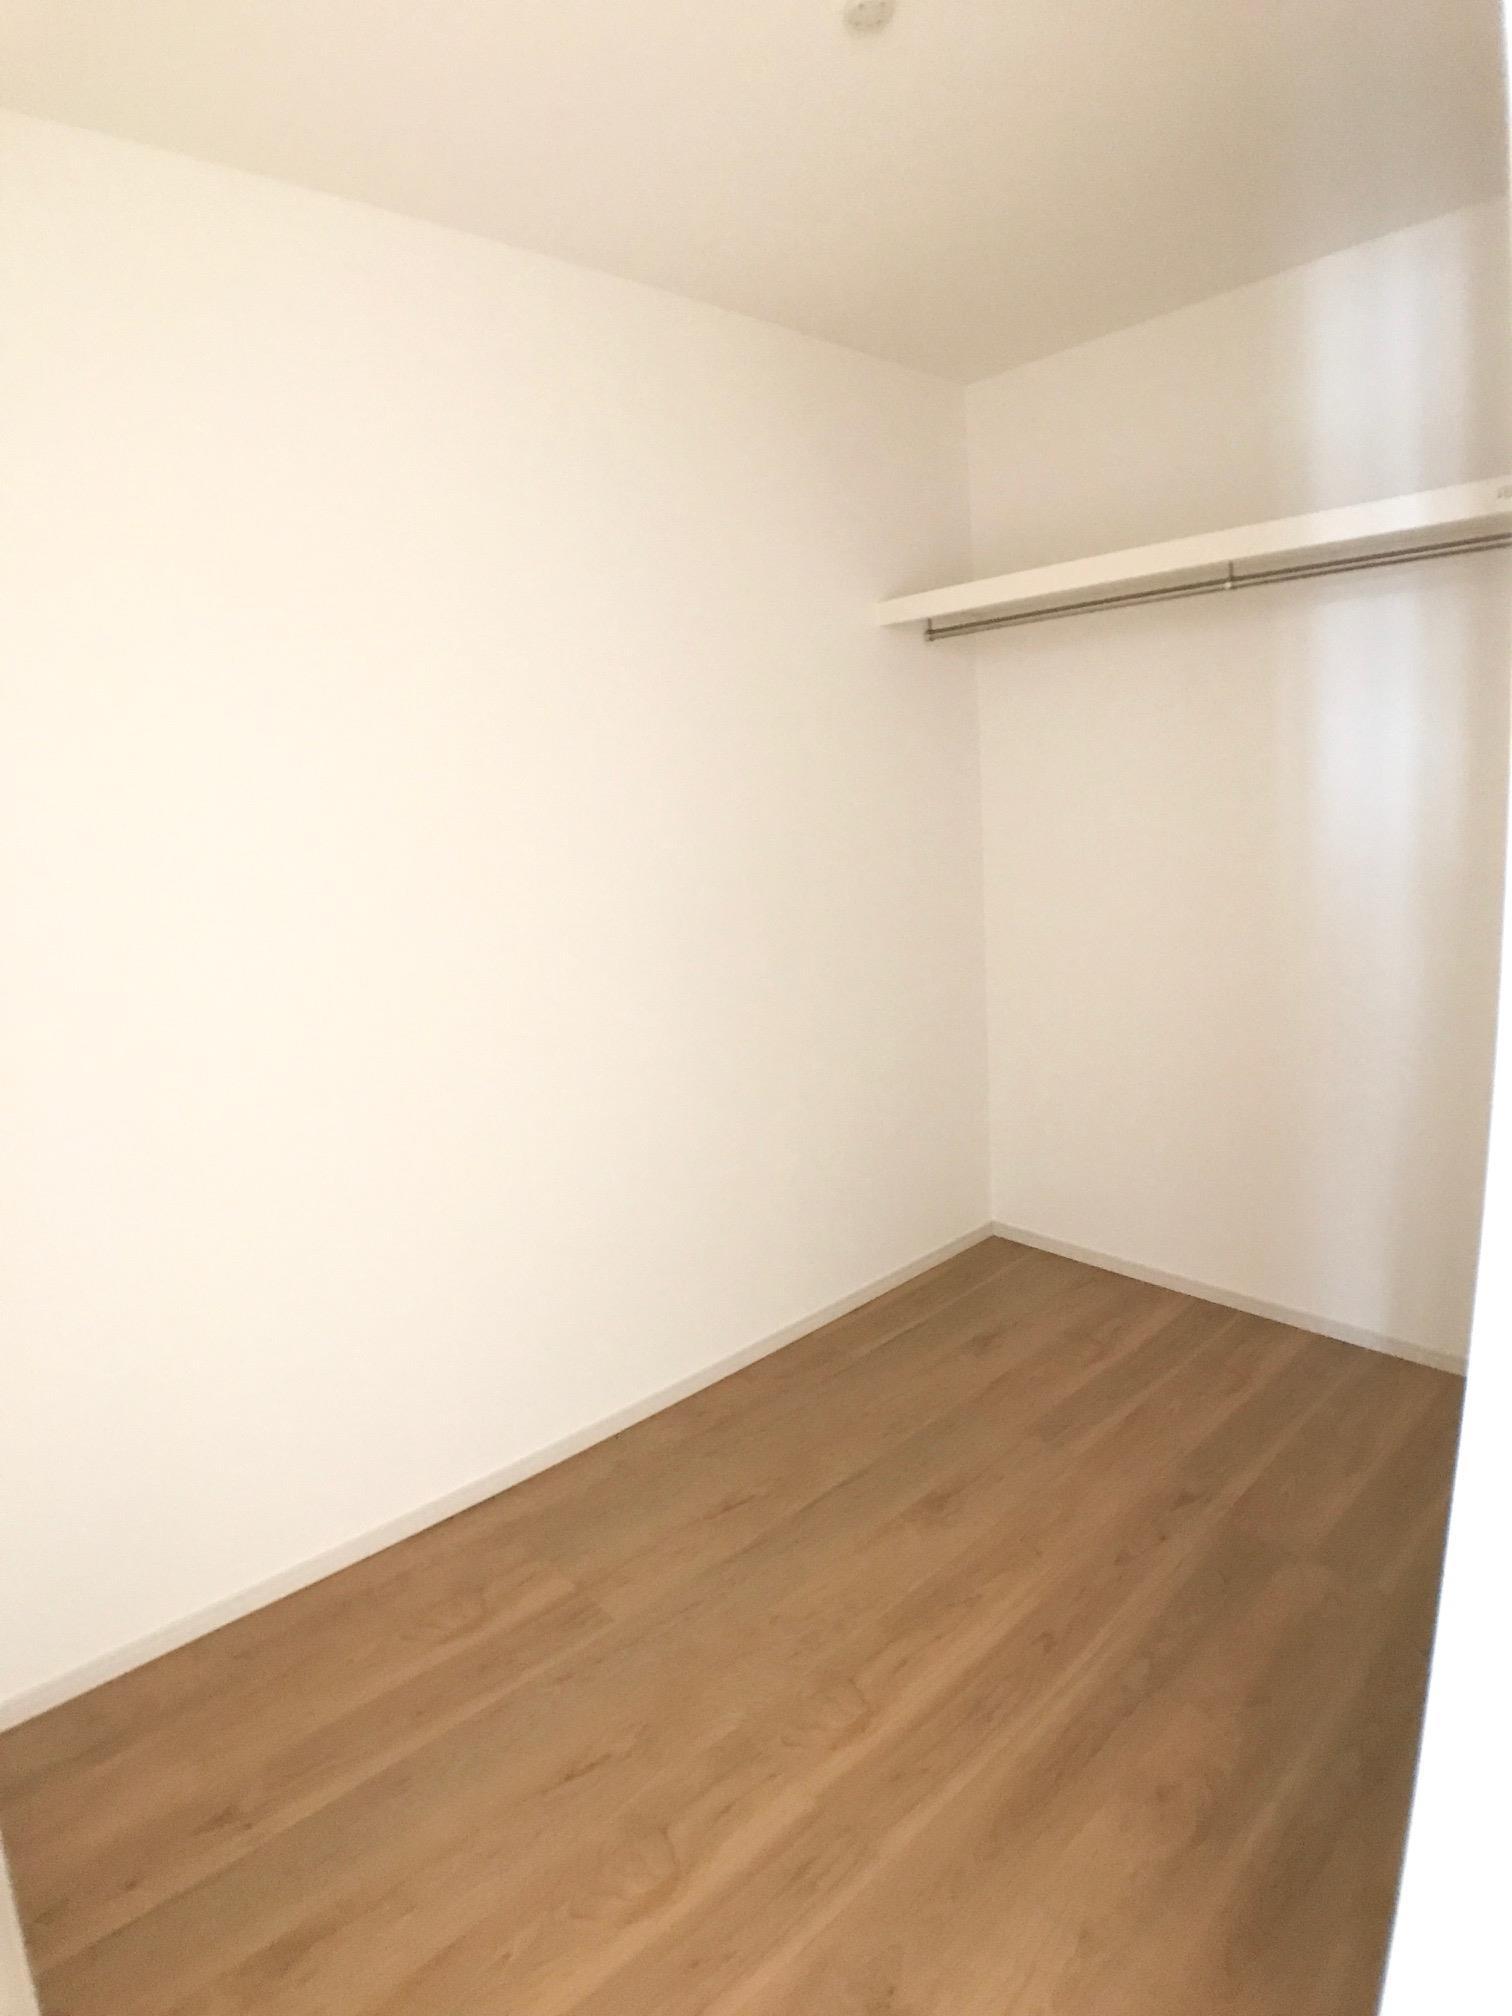 ウォークインクローゼット〈2号棟〉2階には2つのウォークインクローゼットが完備されています。扉の無いウォークインクローゼットは出入りが楽々ですよね♪洋服やバック等をたっぷり収納できます。  ☆2020.9.15撮影